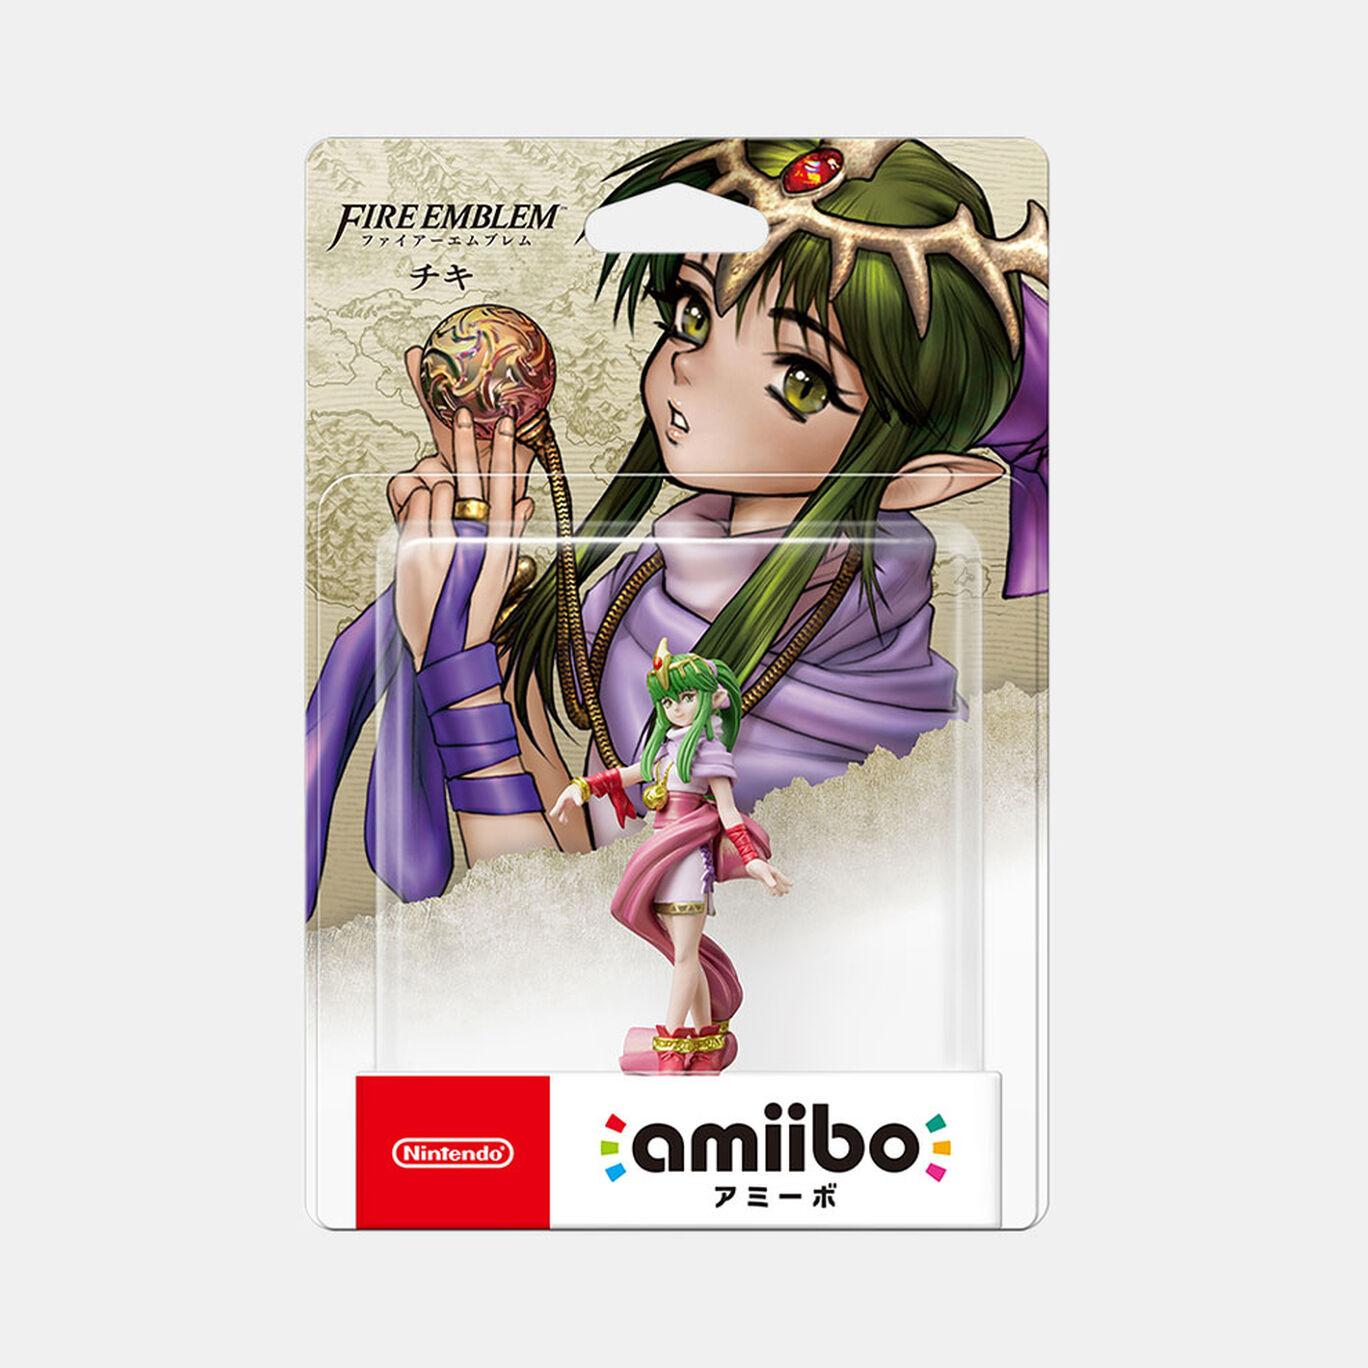 amiibo チキ(ファイアーエムブレムシリーズ)